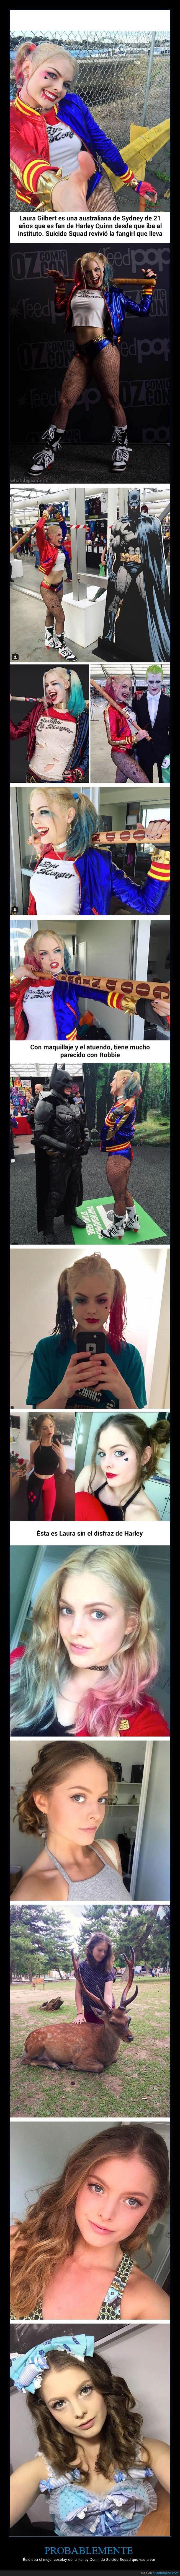 Laura es la mejor cosplayer de Harley Quinn que vas a ver nunca jamás - Éste sea el mejor cosplay de la Harley Quinn de Suicide Squad que vas a ver   Gracias a http://www.cuantarazon.com/   Si quieres leer la noticia completa visita: http://www.estoy-aburrido.com/laura-es-la-mejor-cosplayer-de-harley-quinn-que-vas-a-ver-nunca-jamas-este-sea-el-mejor-cosplay-de-la-harley-quinn-de-suicide-squad-que-vas-a-ver/